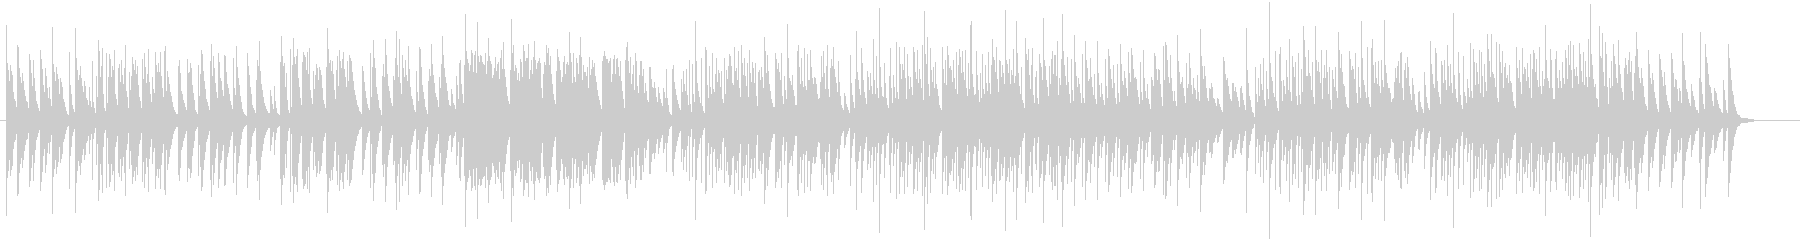 ホスピタリティなやさしいオルゴール74の未再生の波形